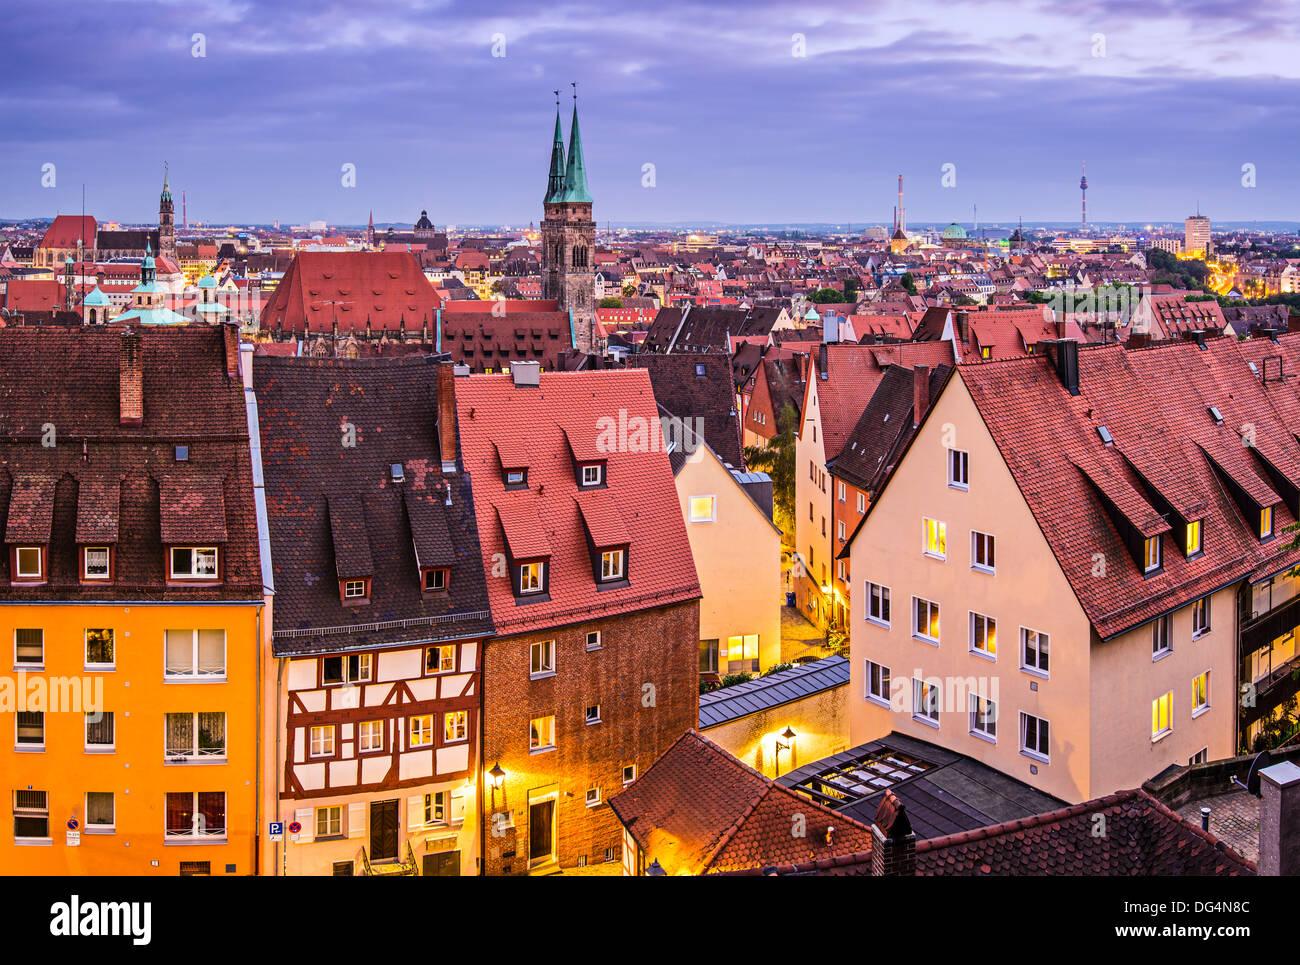 Skyline of Nuremberg, Germany at night. - Stock Image